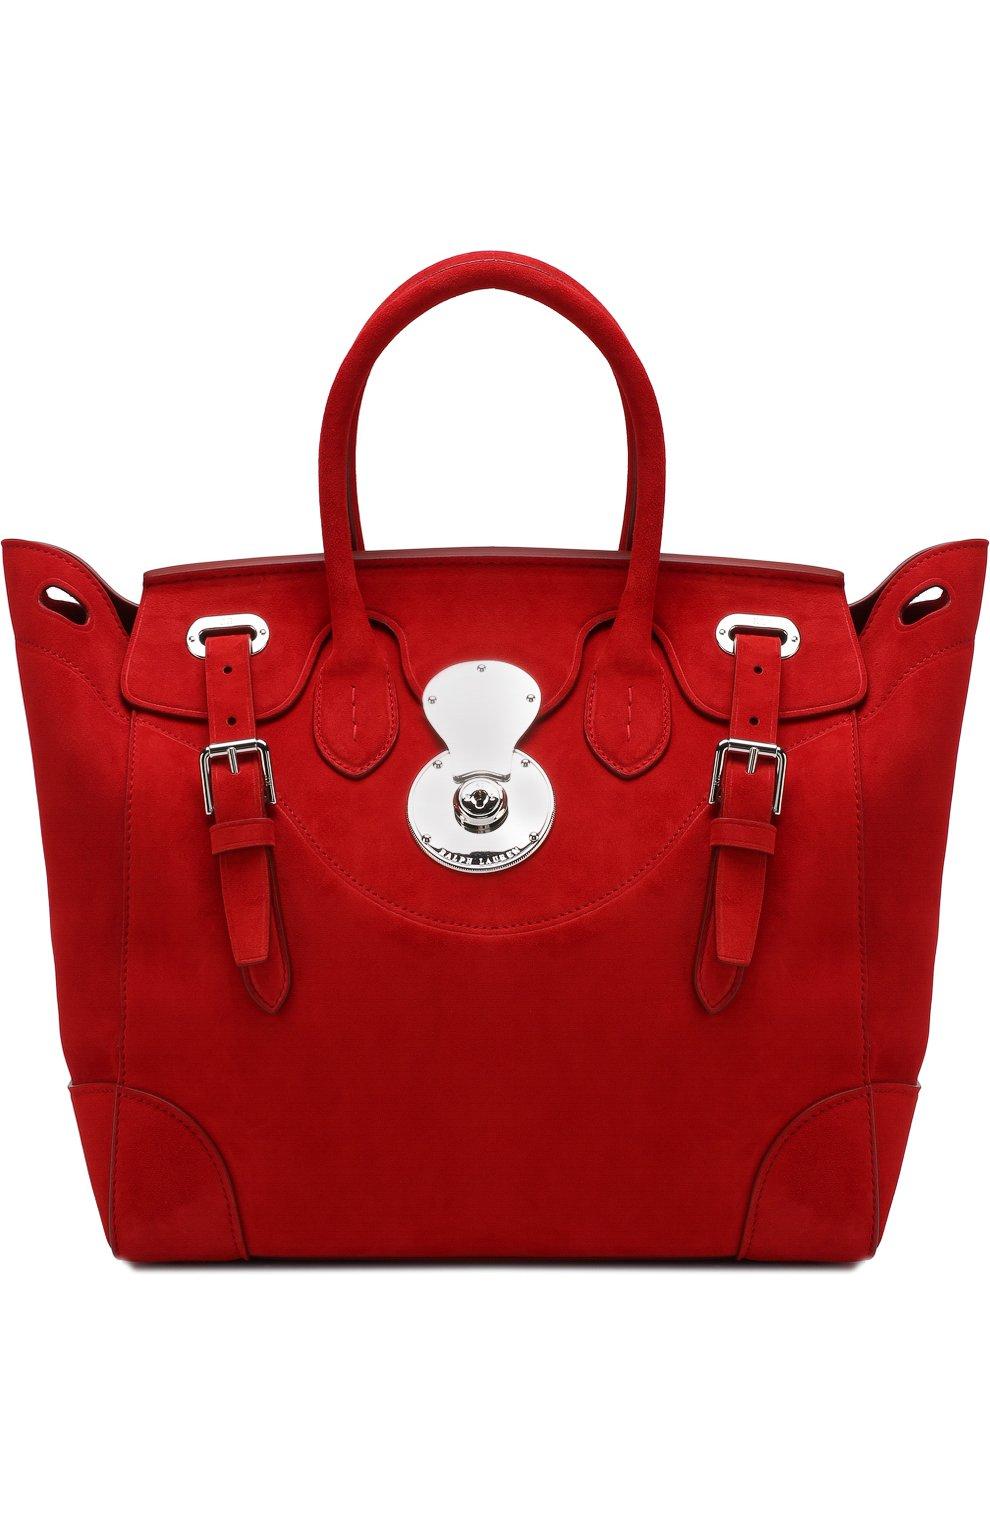 Etonweag 2017 микрофибра кожаный рюкзак моды для мужчин камуфляж сумки  студент элегантный дизайн Водонепроницаемый 14 дюймов ноутбук школьные сумки 28ed0fb6c12